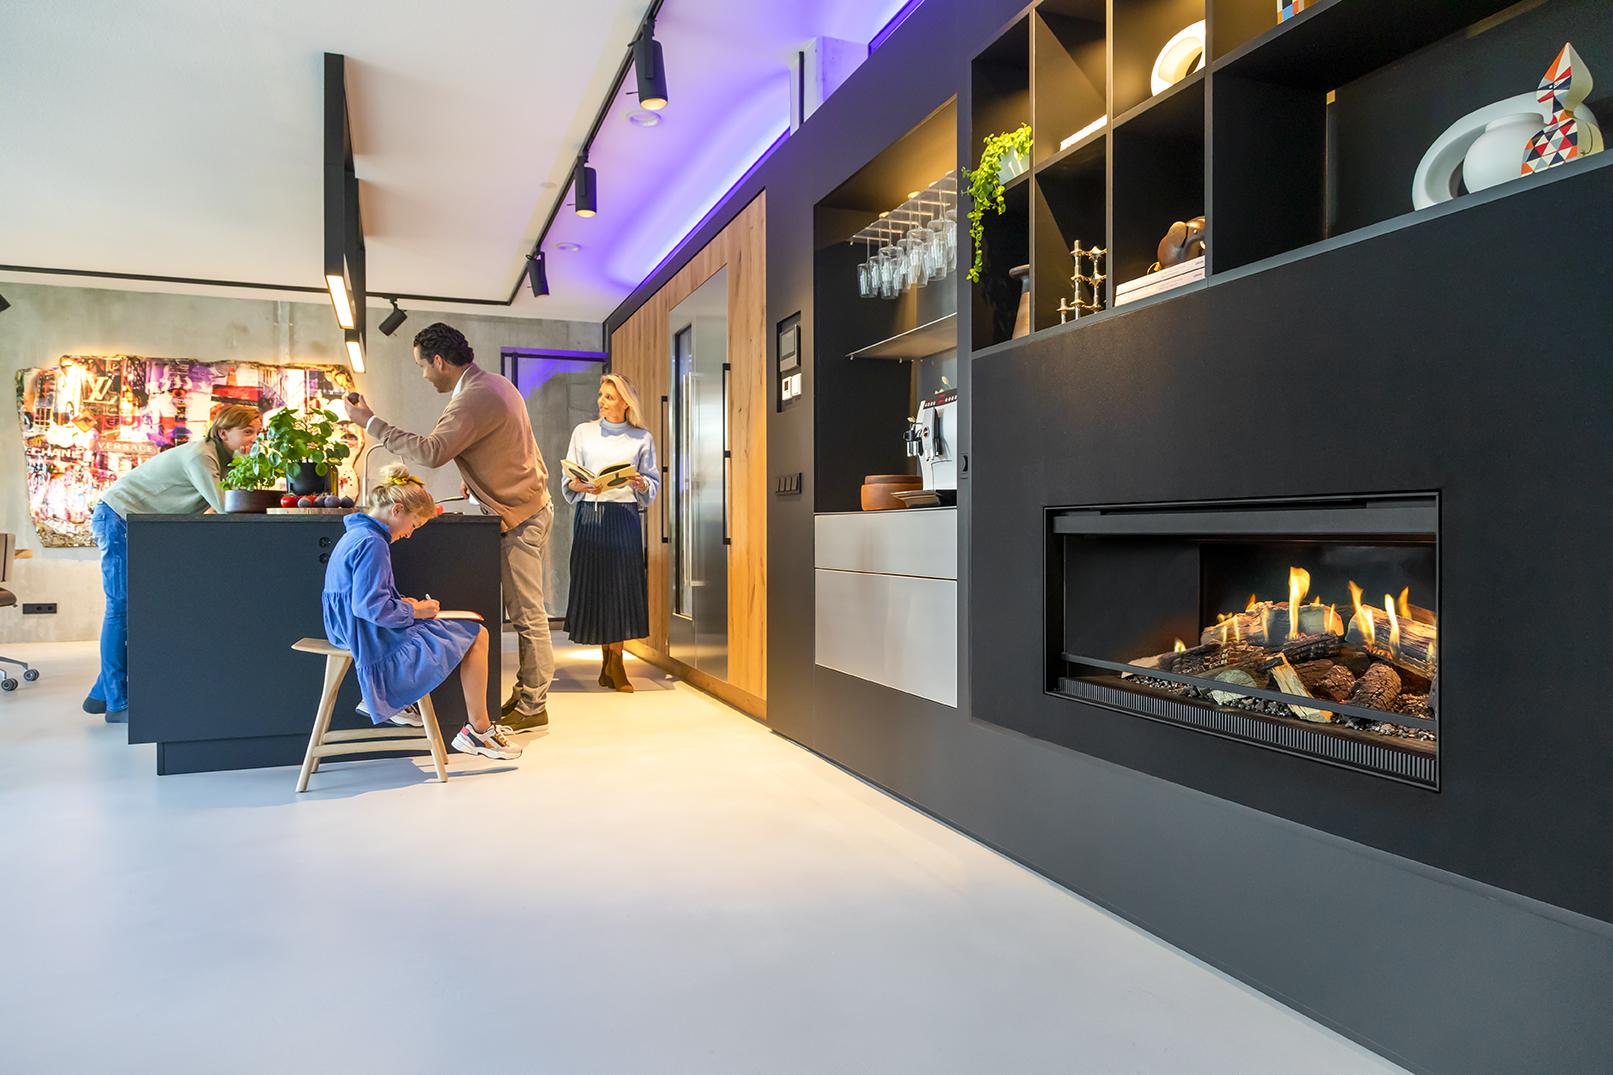 Intră în lumea șemineelor electrice premium, un loc al căldurii, confortului și eleganței